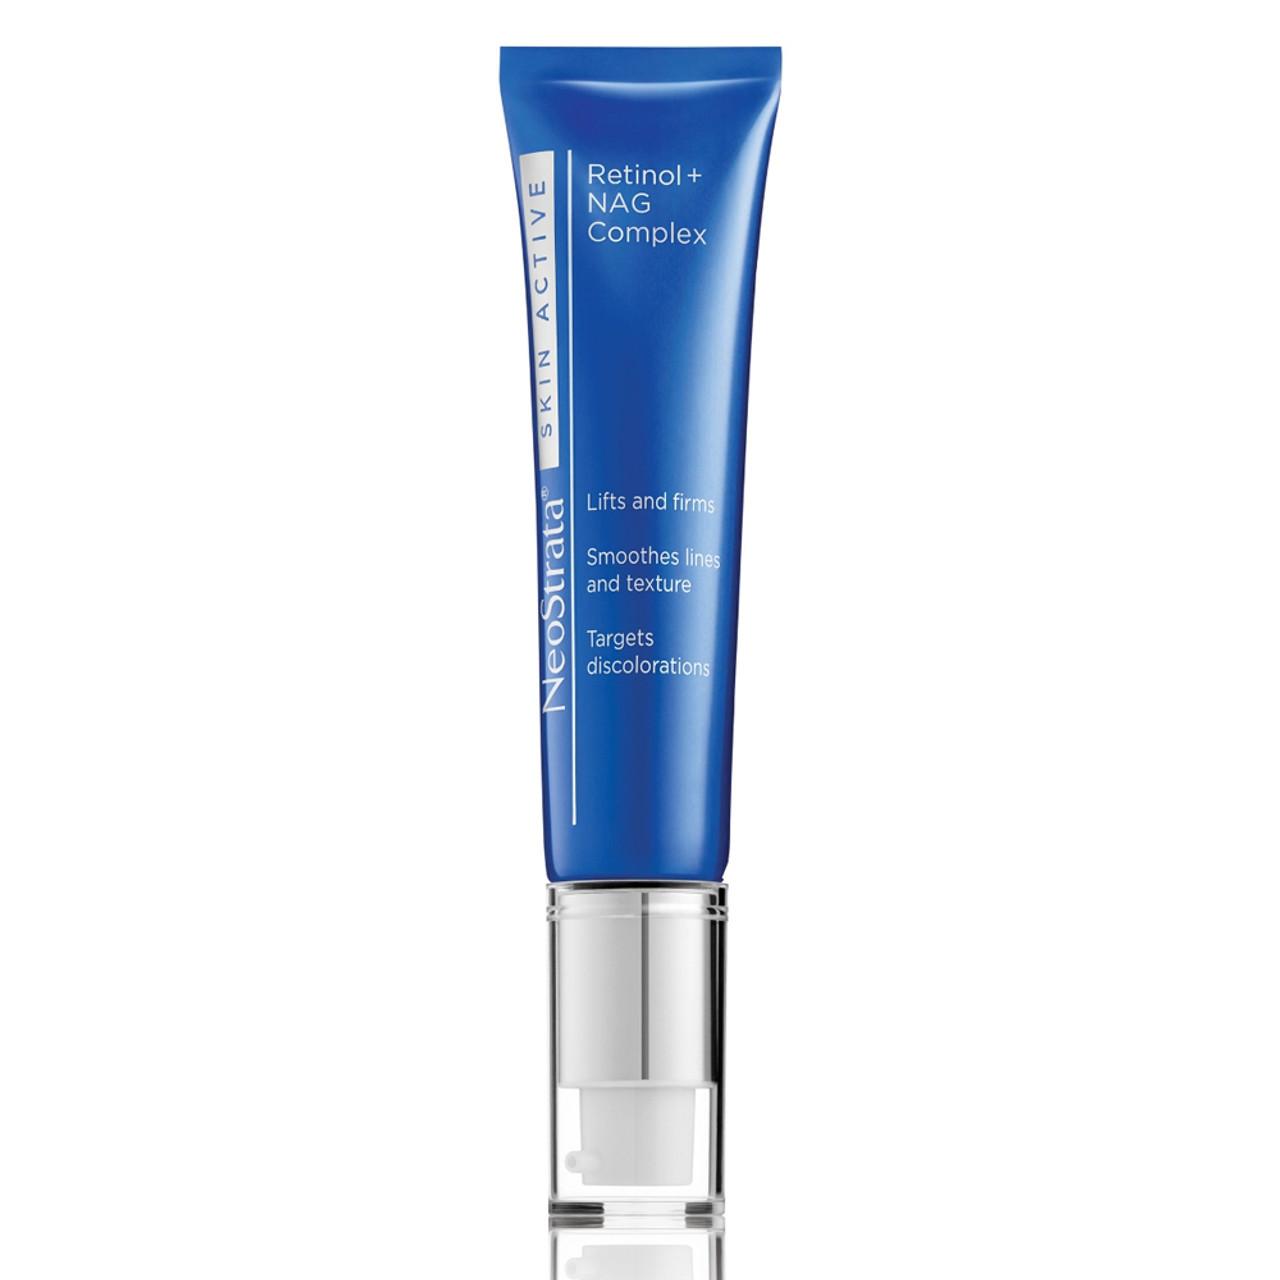 NeoStrata Skin Active Retinol + NAG Complex (discontinued) BeautifiedYou.com